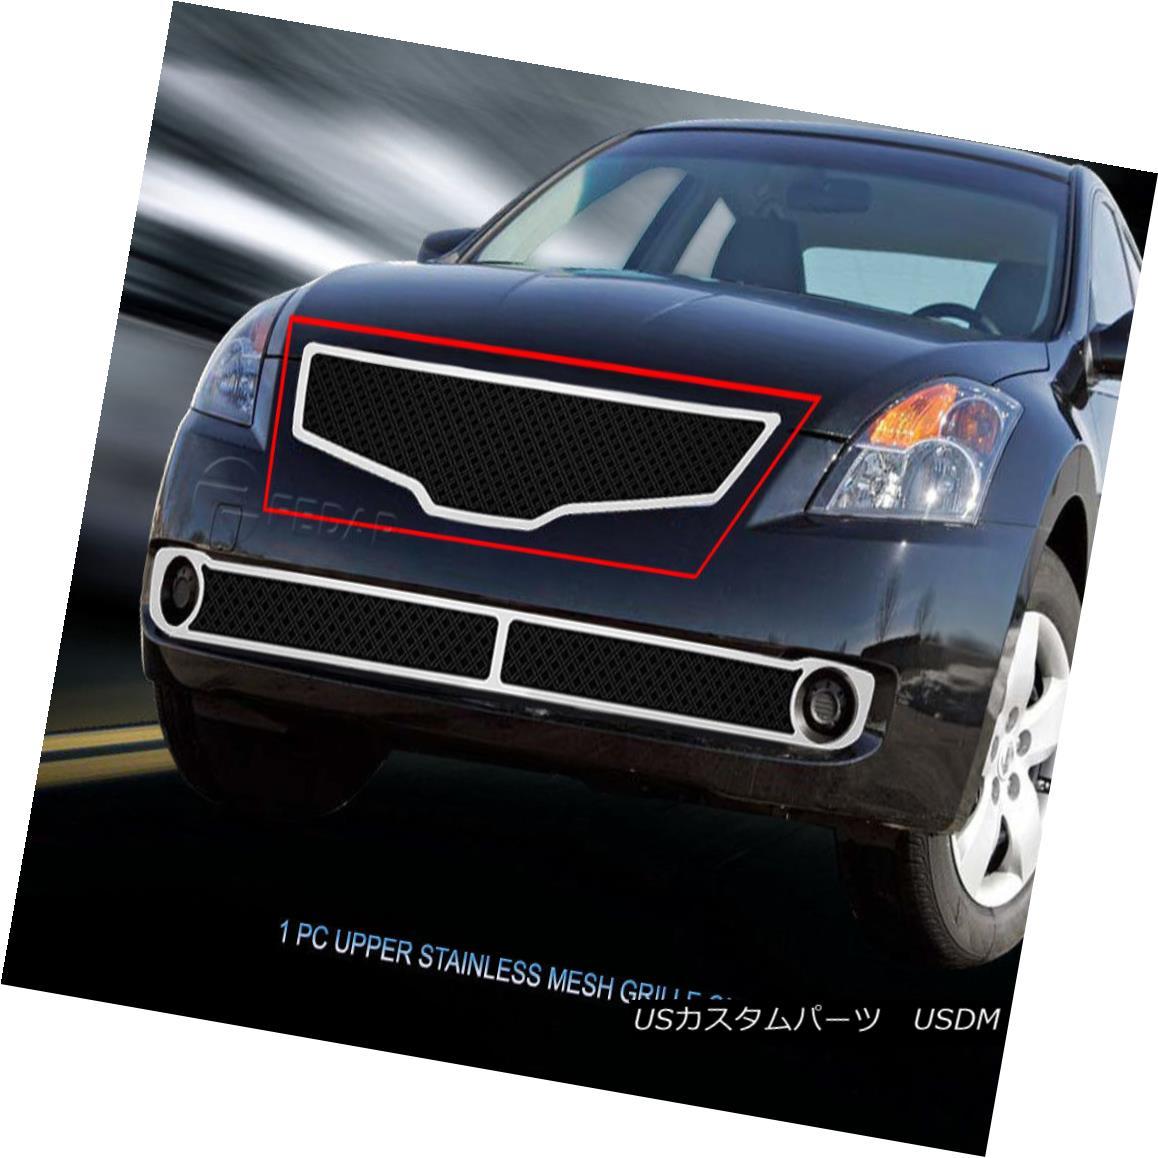 グリル Fits 2007-2009 Nissan Altima Sedan Stainless Dual Mesh Grille Upper Insert Fedar 2007年?2009年の日産アルティマセダンステンレスデュアルメッシュグリルアッパーインサートフェルダ